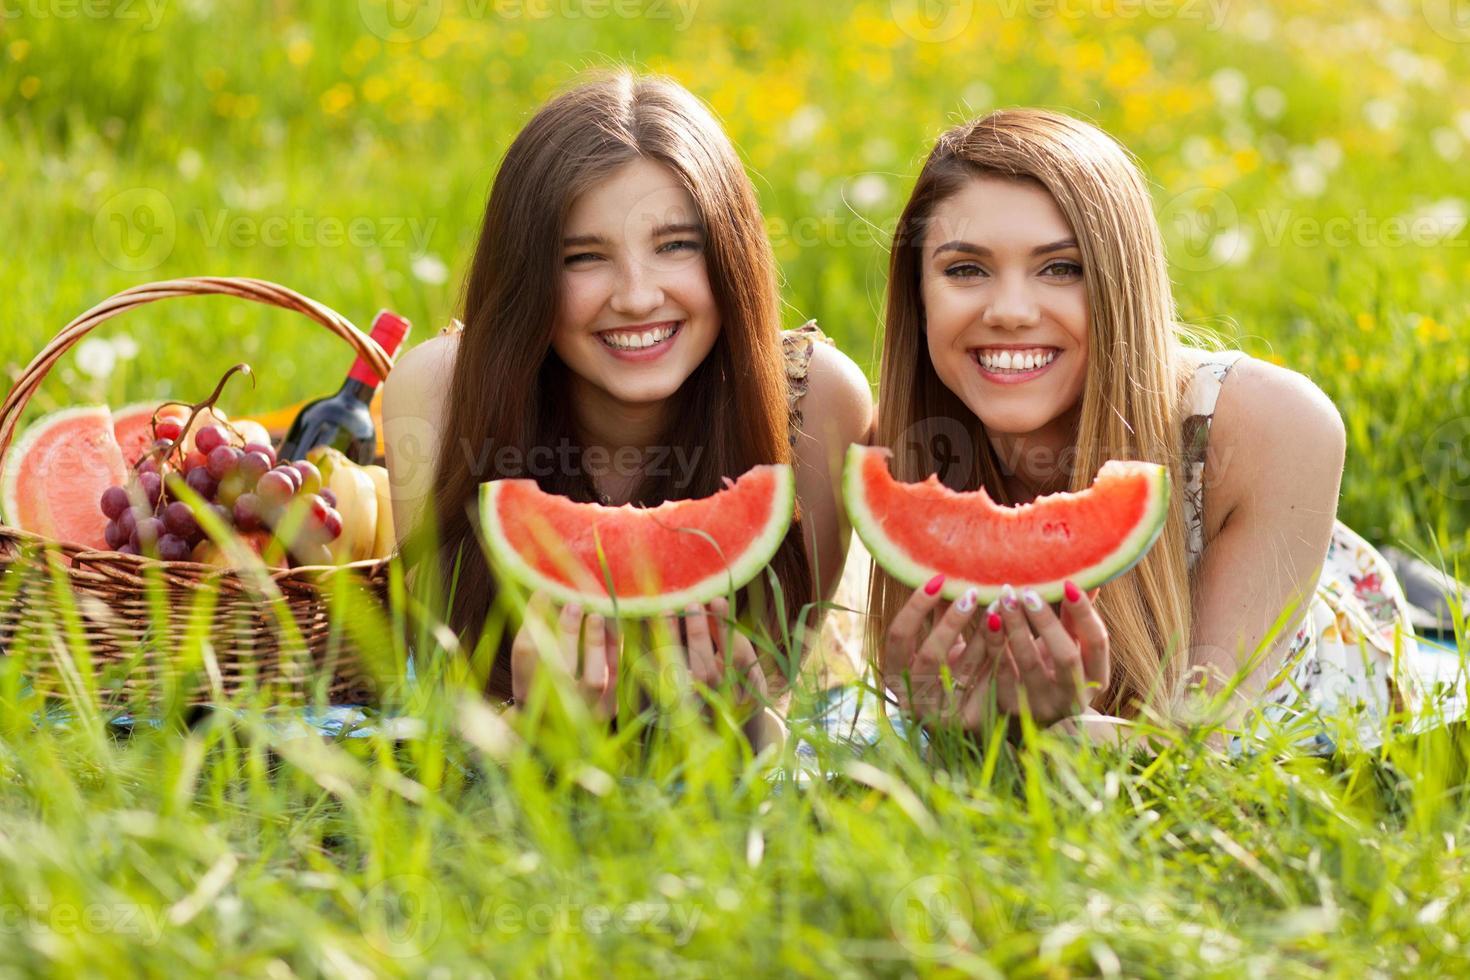 zwei schöne junge Frauen auf einem Picknick foto